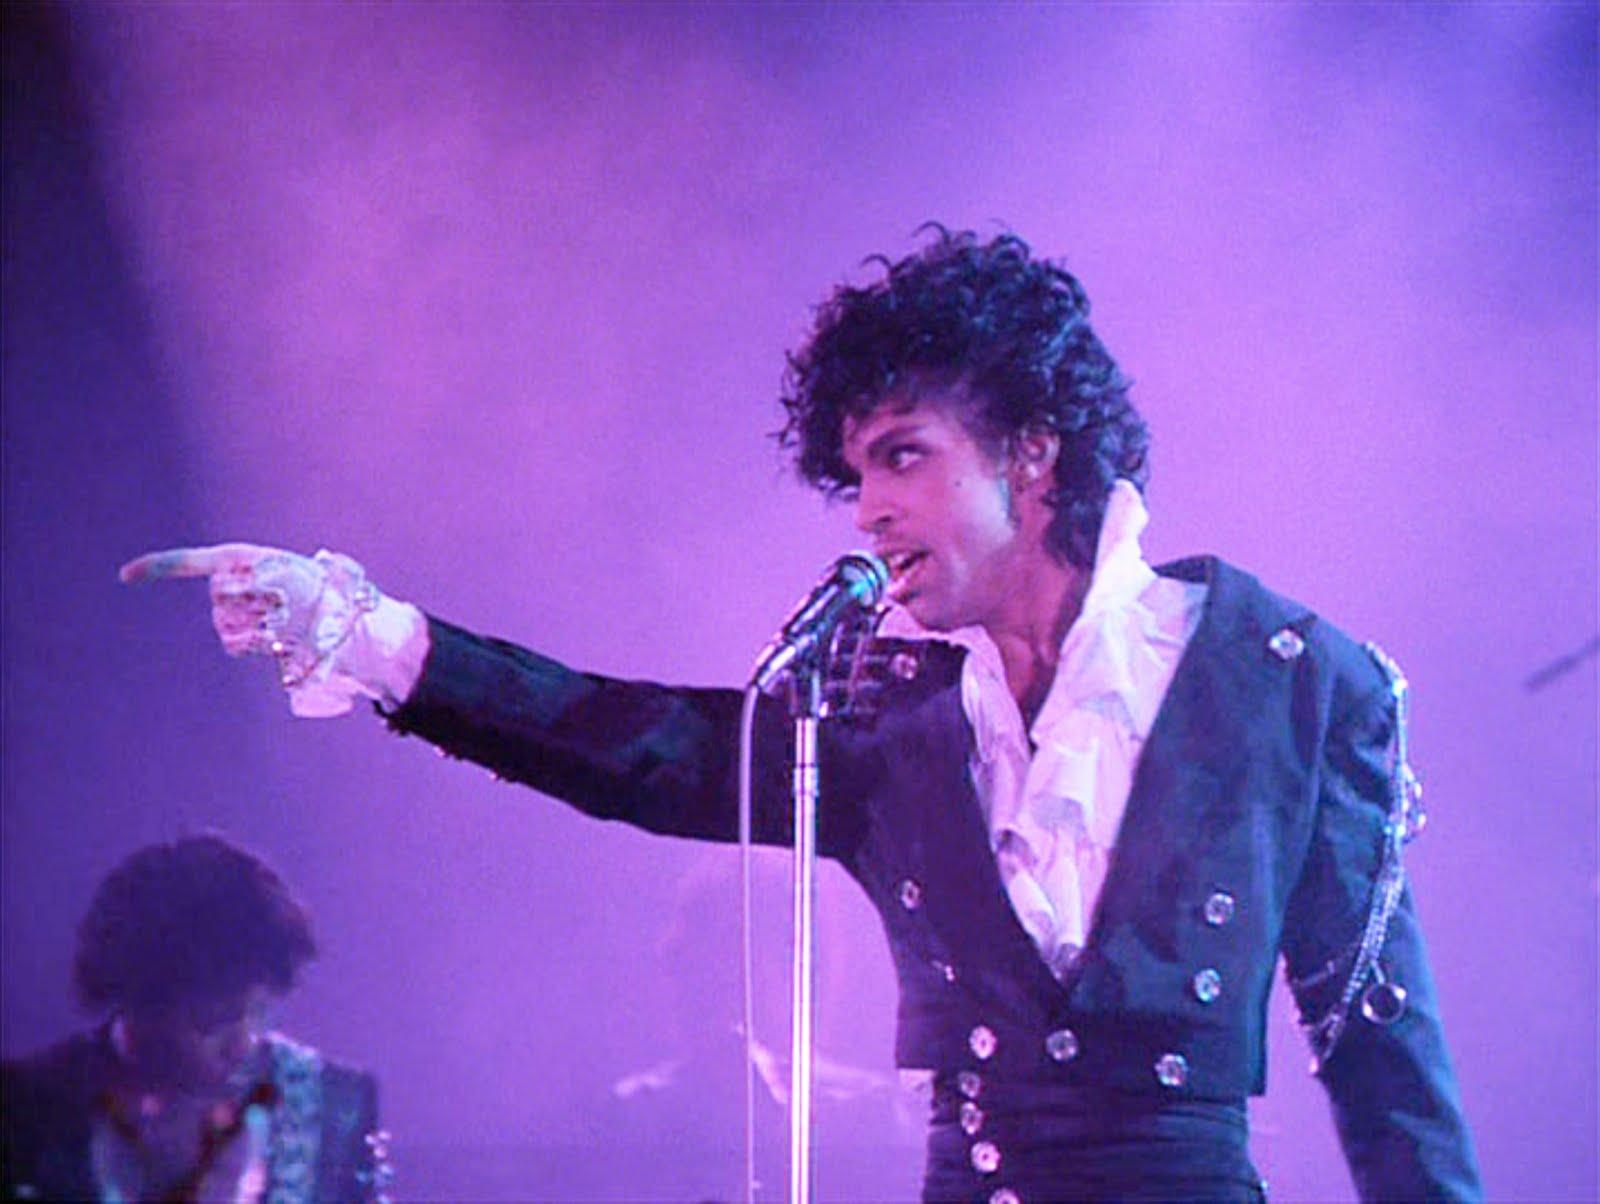 Prince a murit la varsta de 57 de ani. Artistul american a fost gasit mort intr-un studio din California.Politia investigheaza circumstantele decesului.